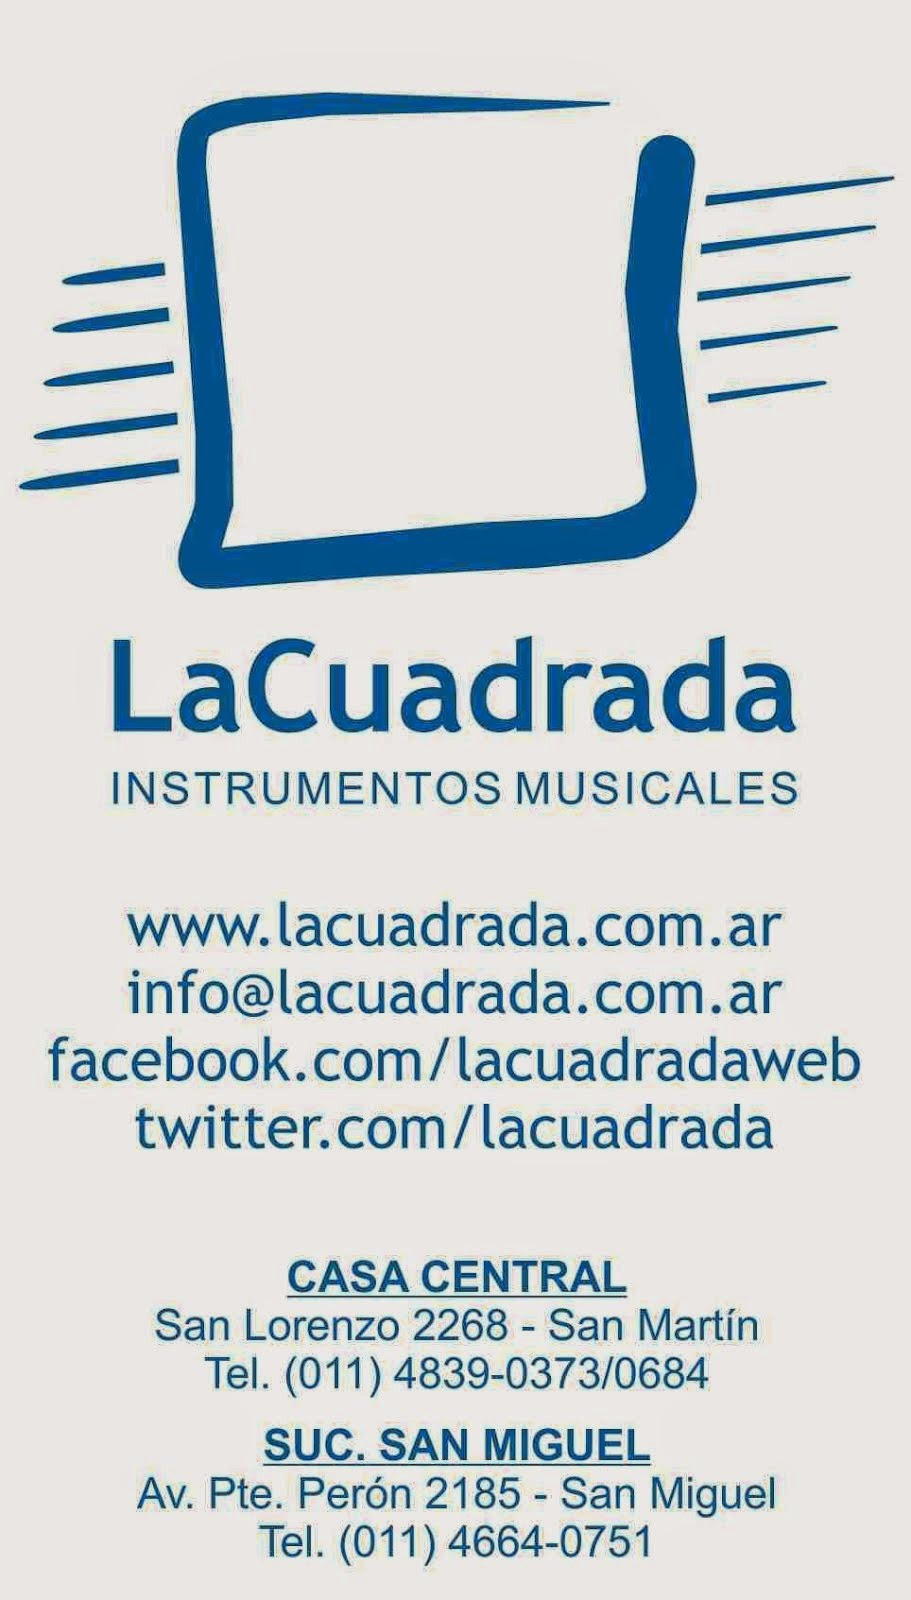 Instrumentos La Cuadrada